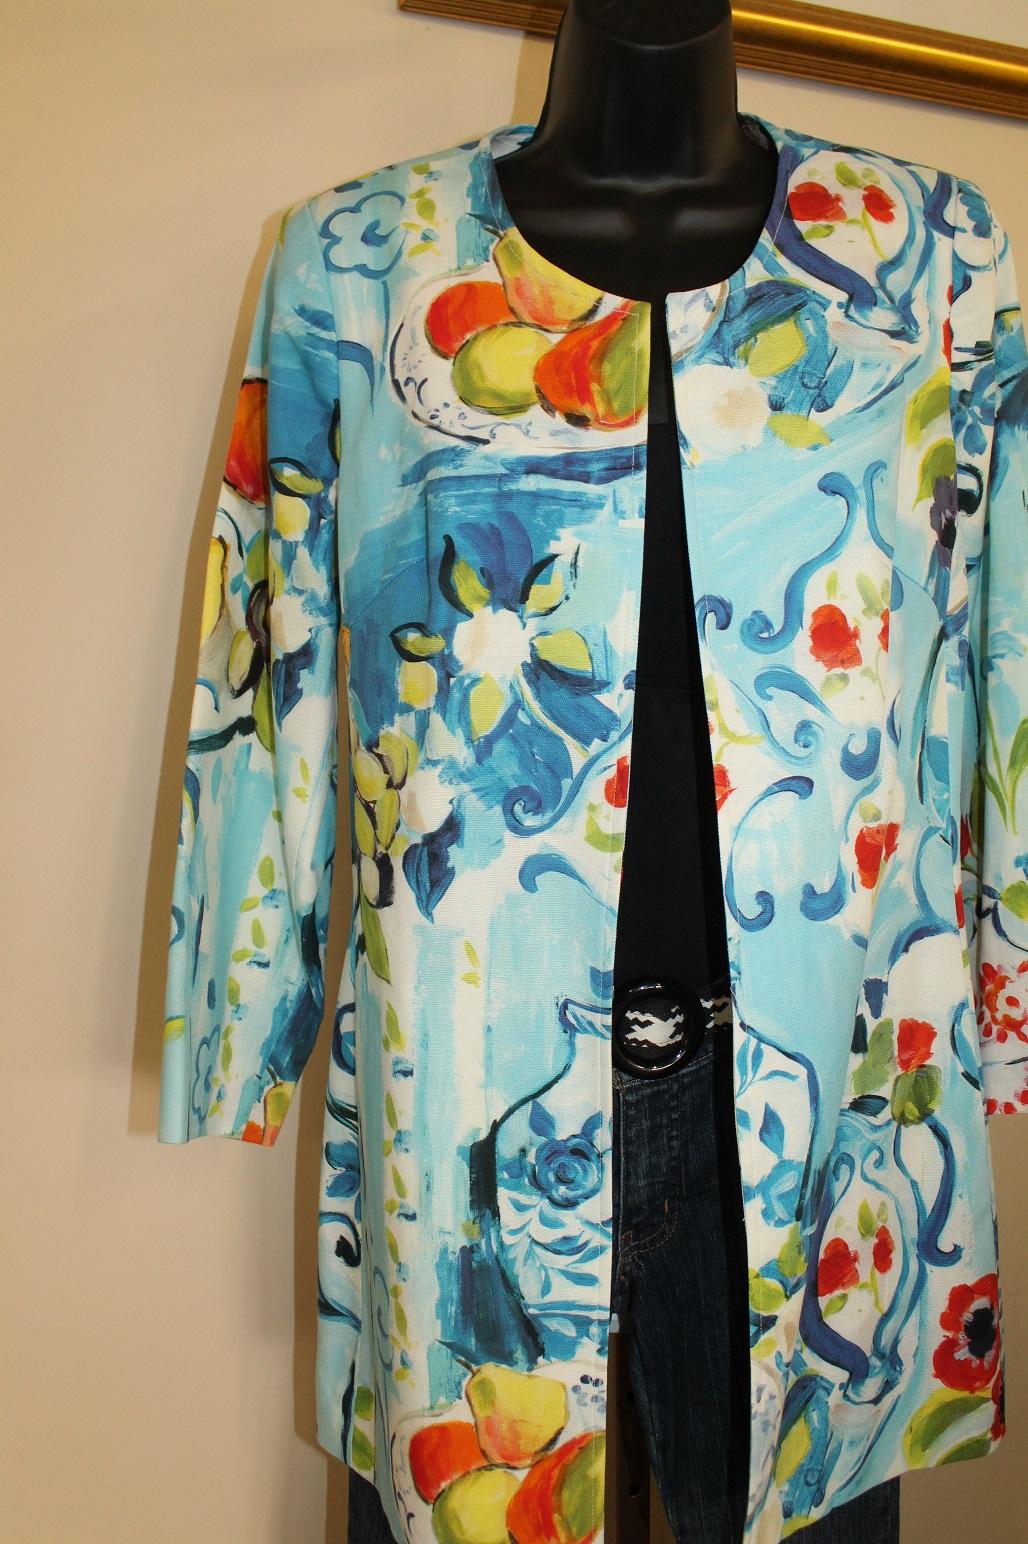 3 Sisters Jacket - Matisse 3S715